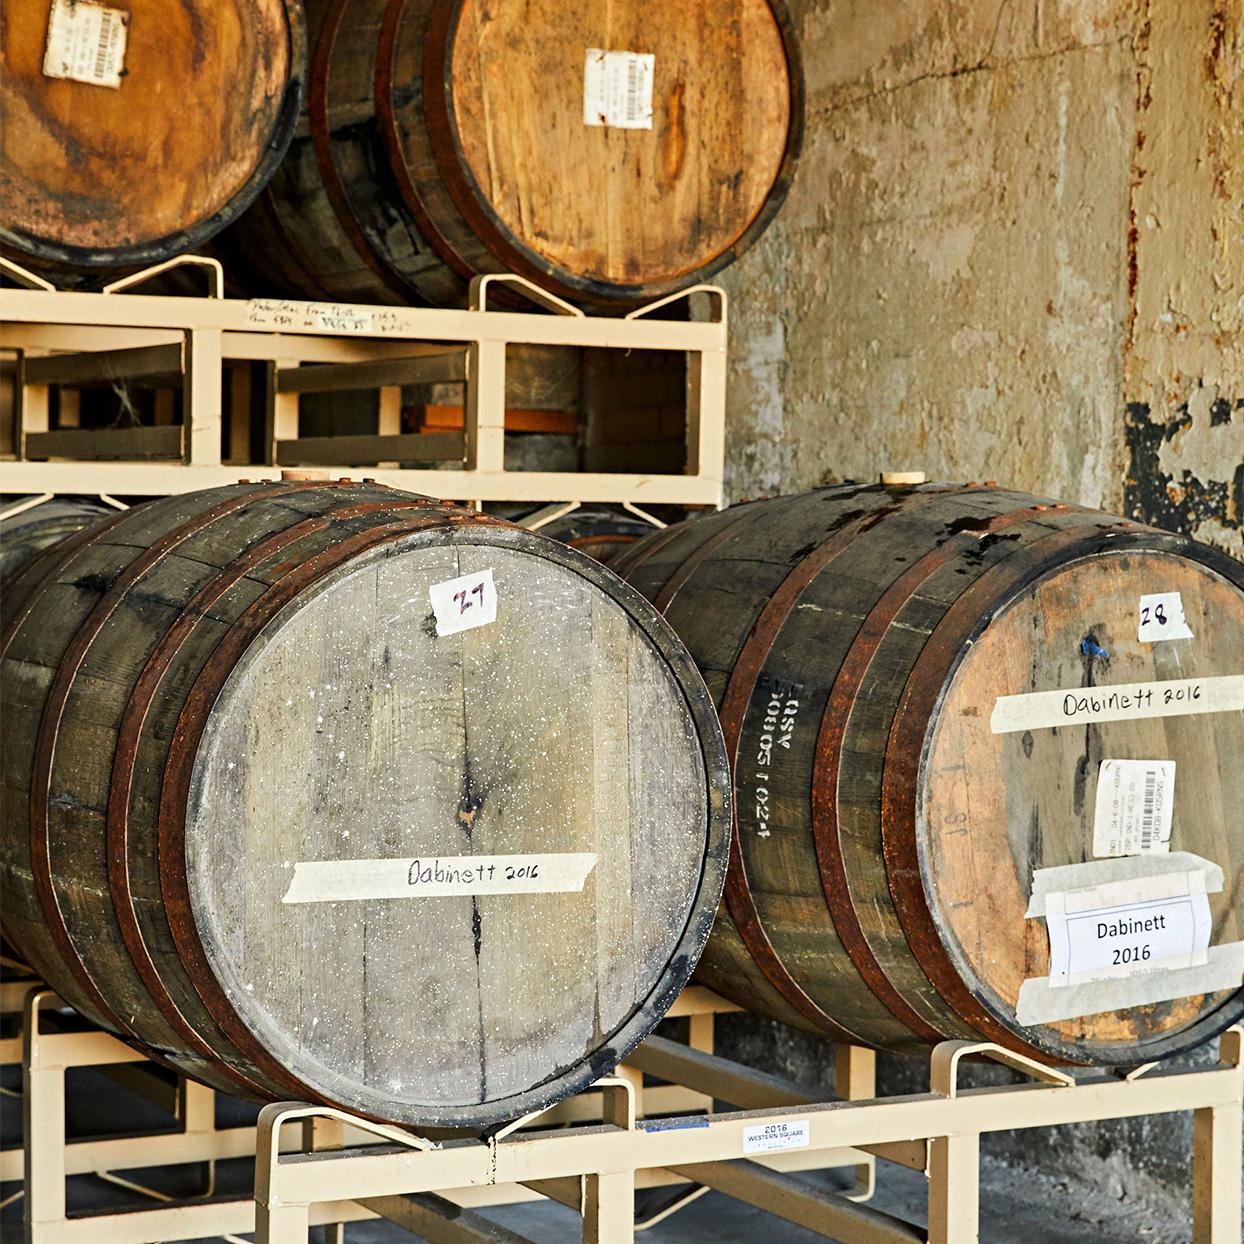 tasting room cider barrels